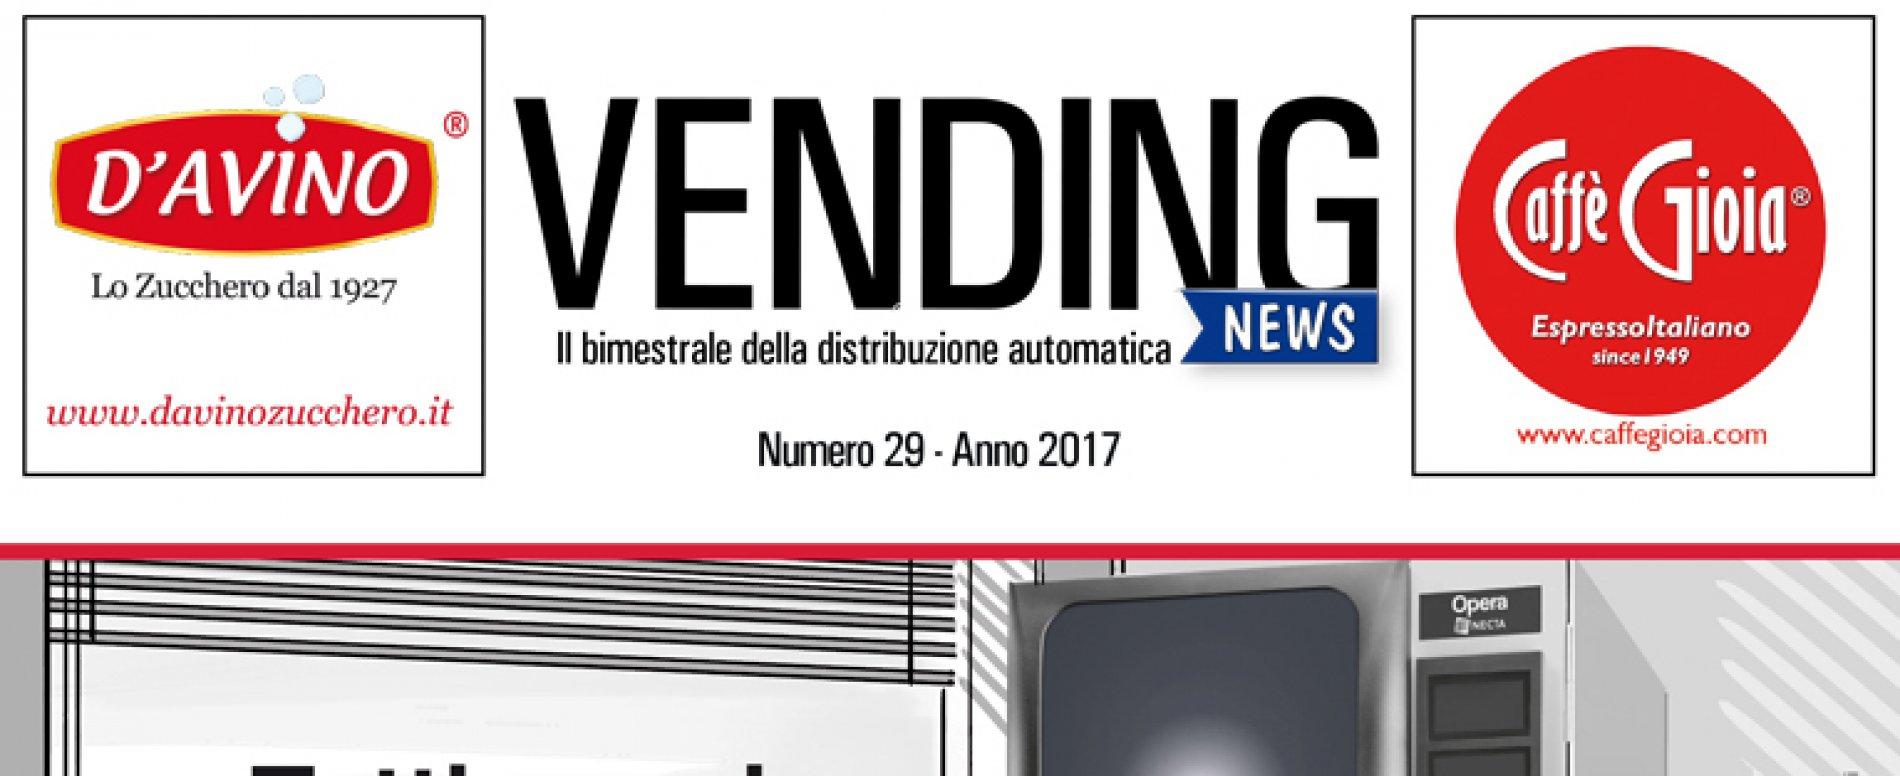 Rivista Vending News – Leggi il numero 29